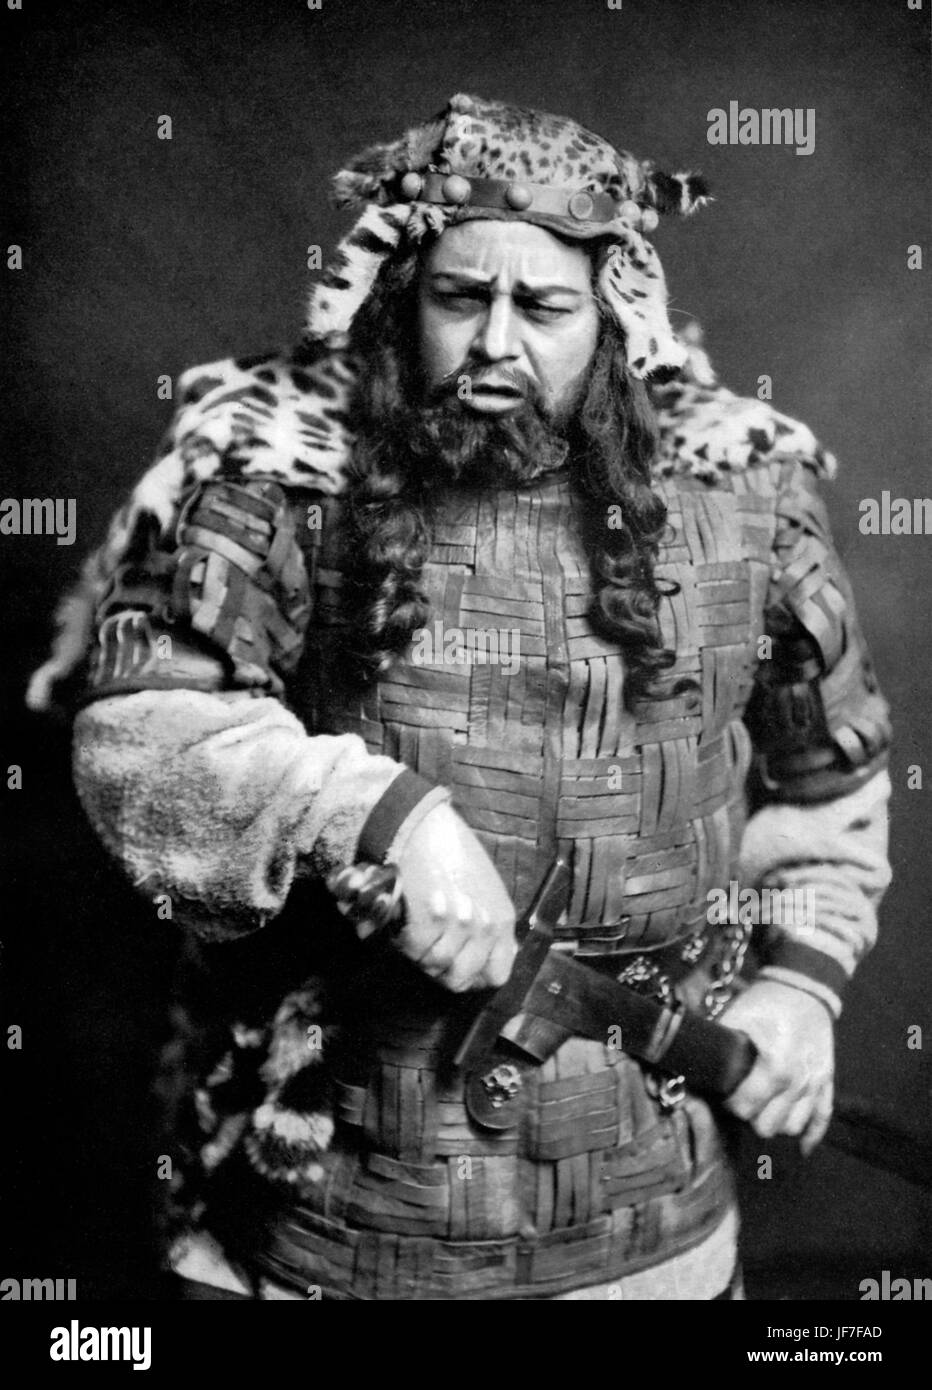 Claudius, roi de Danemark, de William Shakespeare's Hamlet, joué par M. Oscar Asche. 1905. Dialogue d'accompagnement: Photo Stock